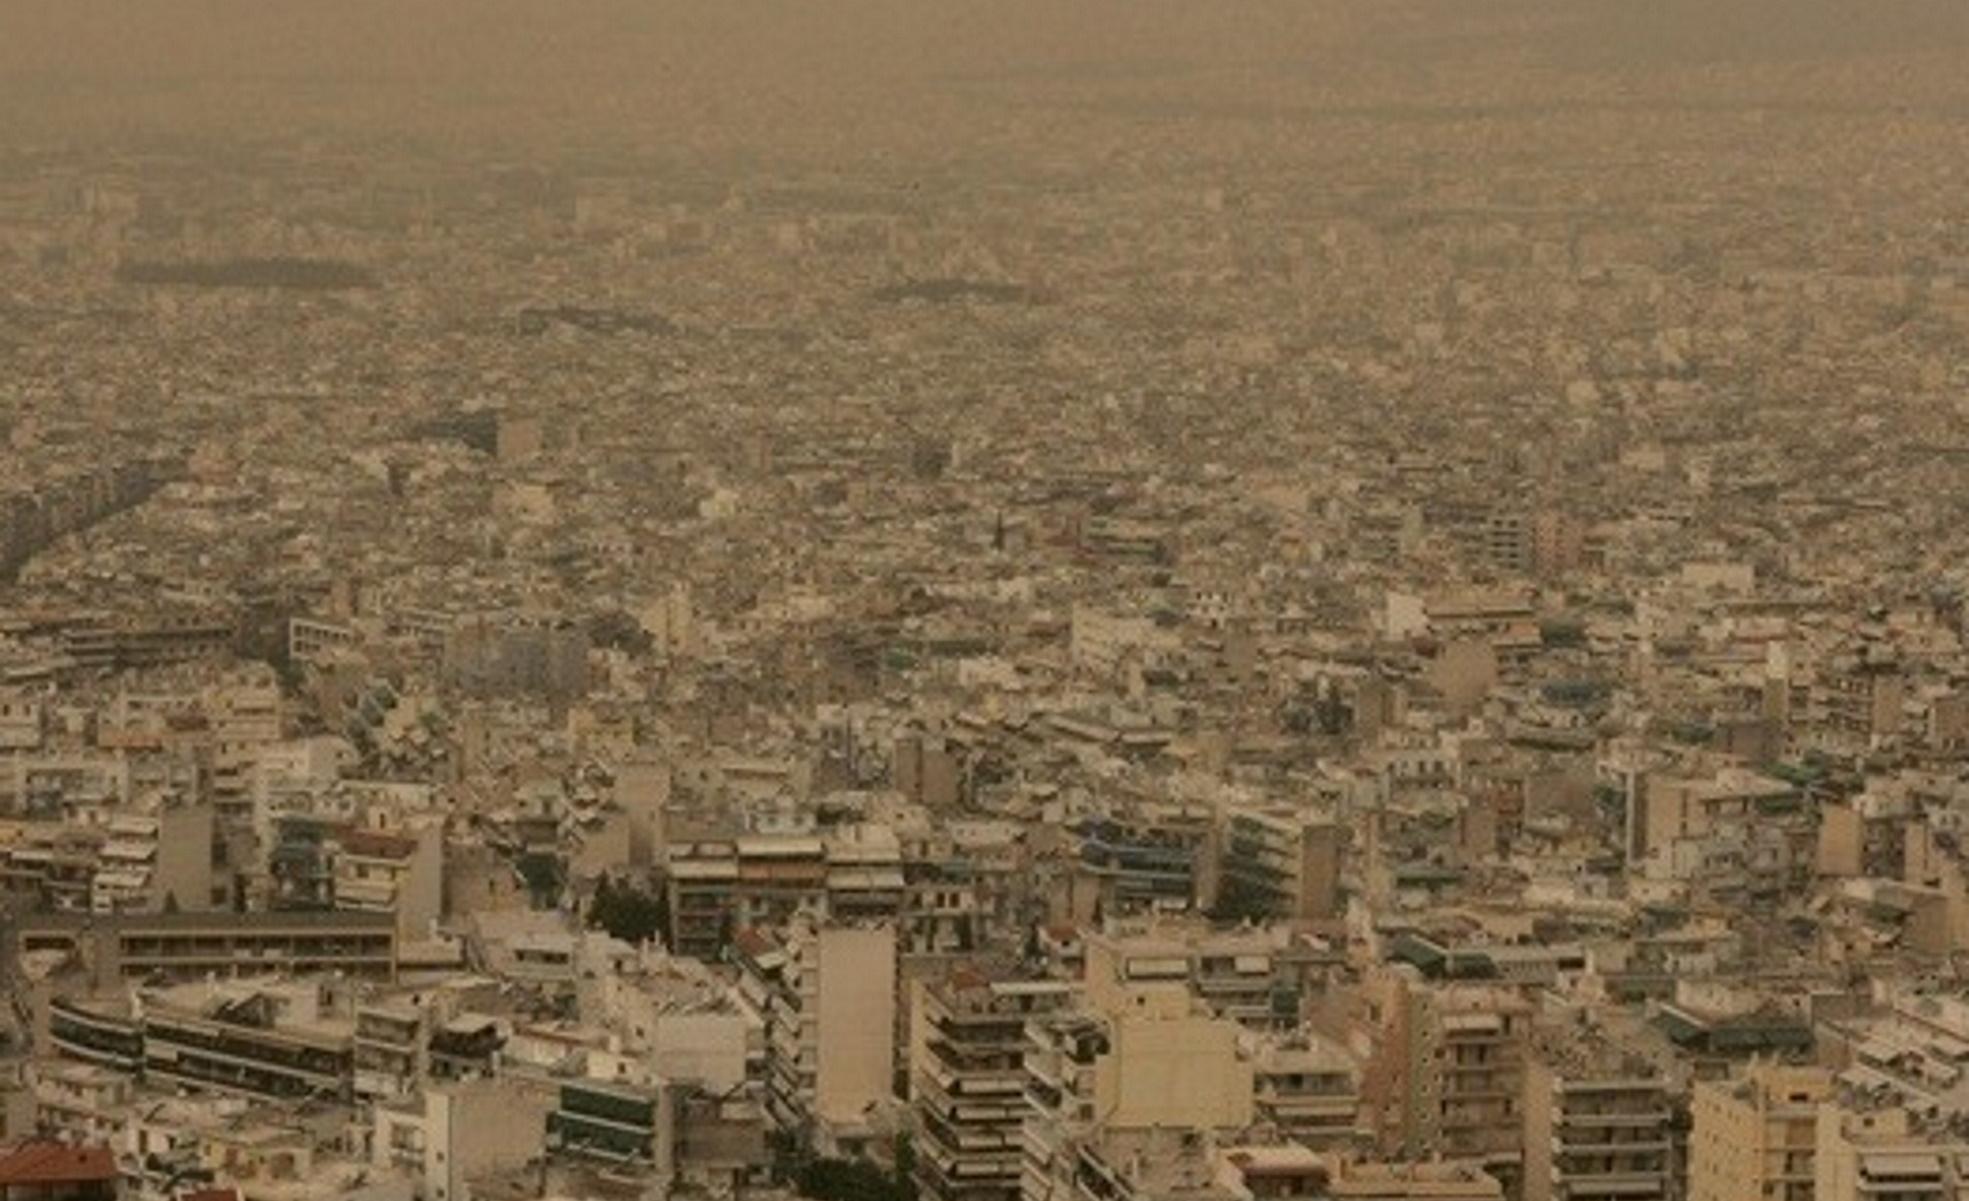 Καιρός αύριο: Λασποβροχή και σκόνη – Ποιες περιοχές θα «χτυπηθούν»